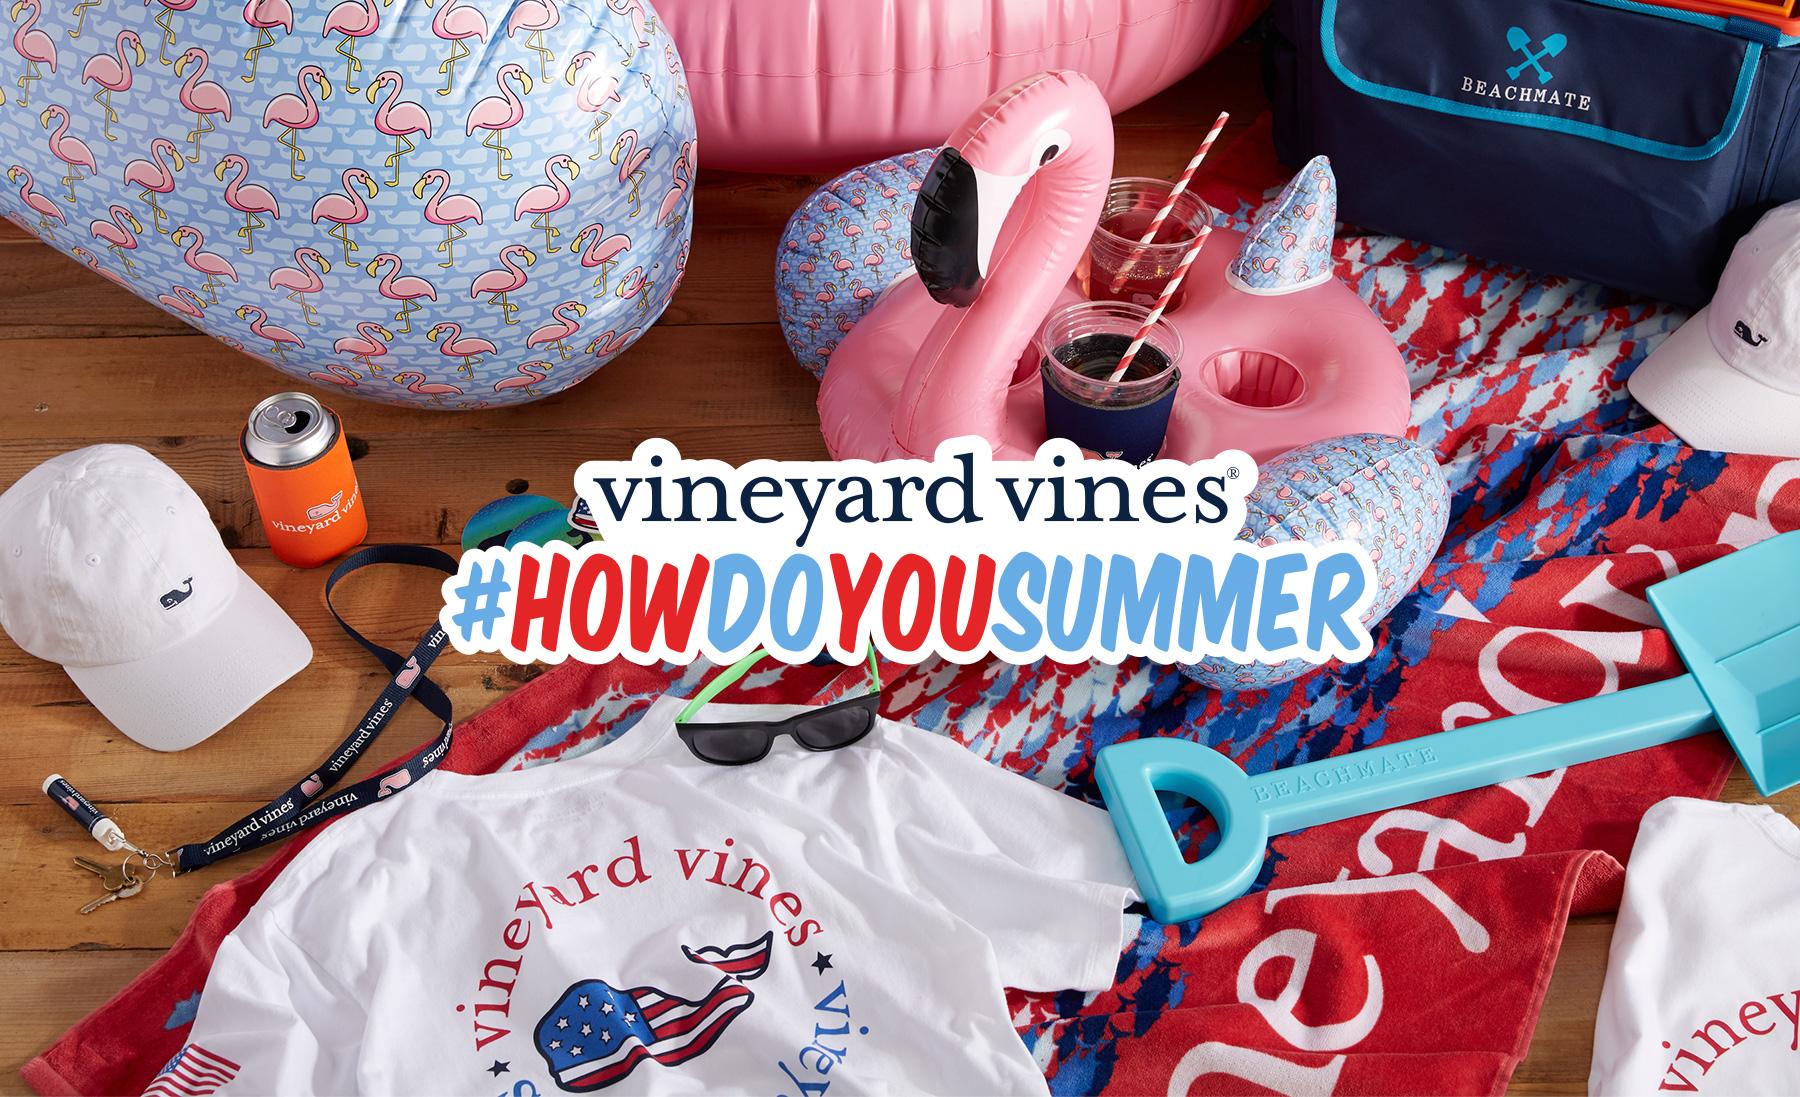 vineyard vines #howdoyousummer